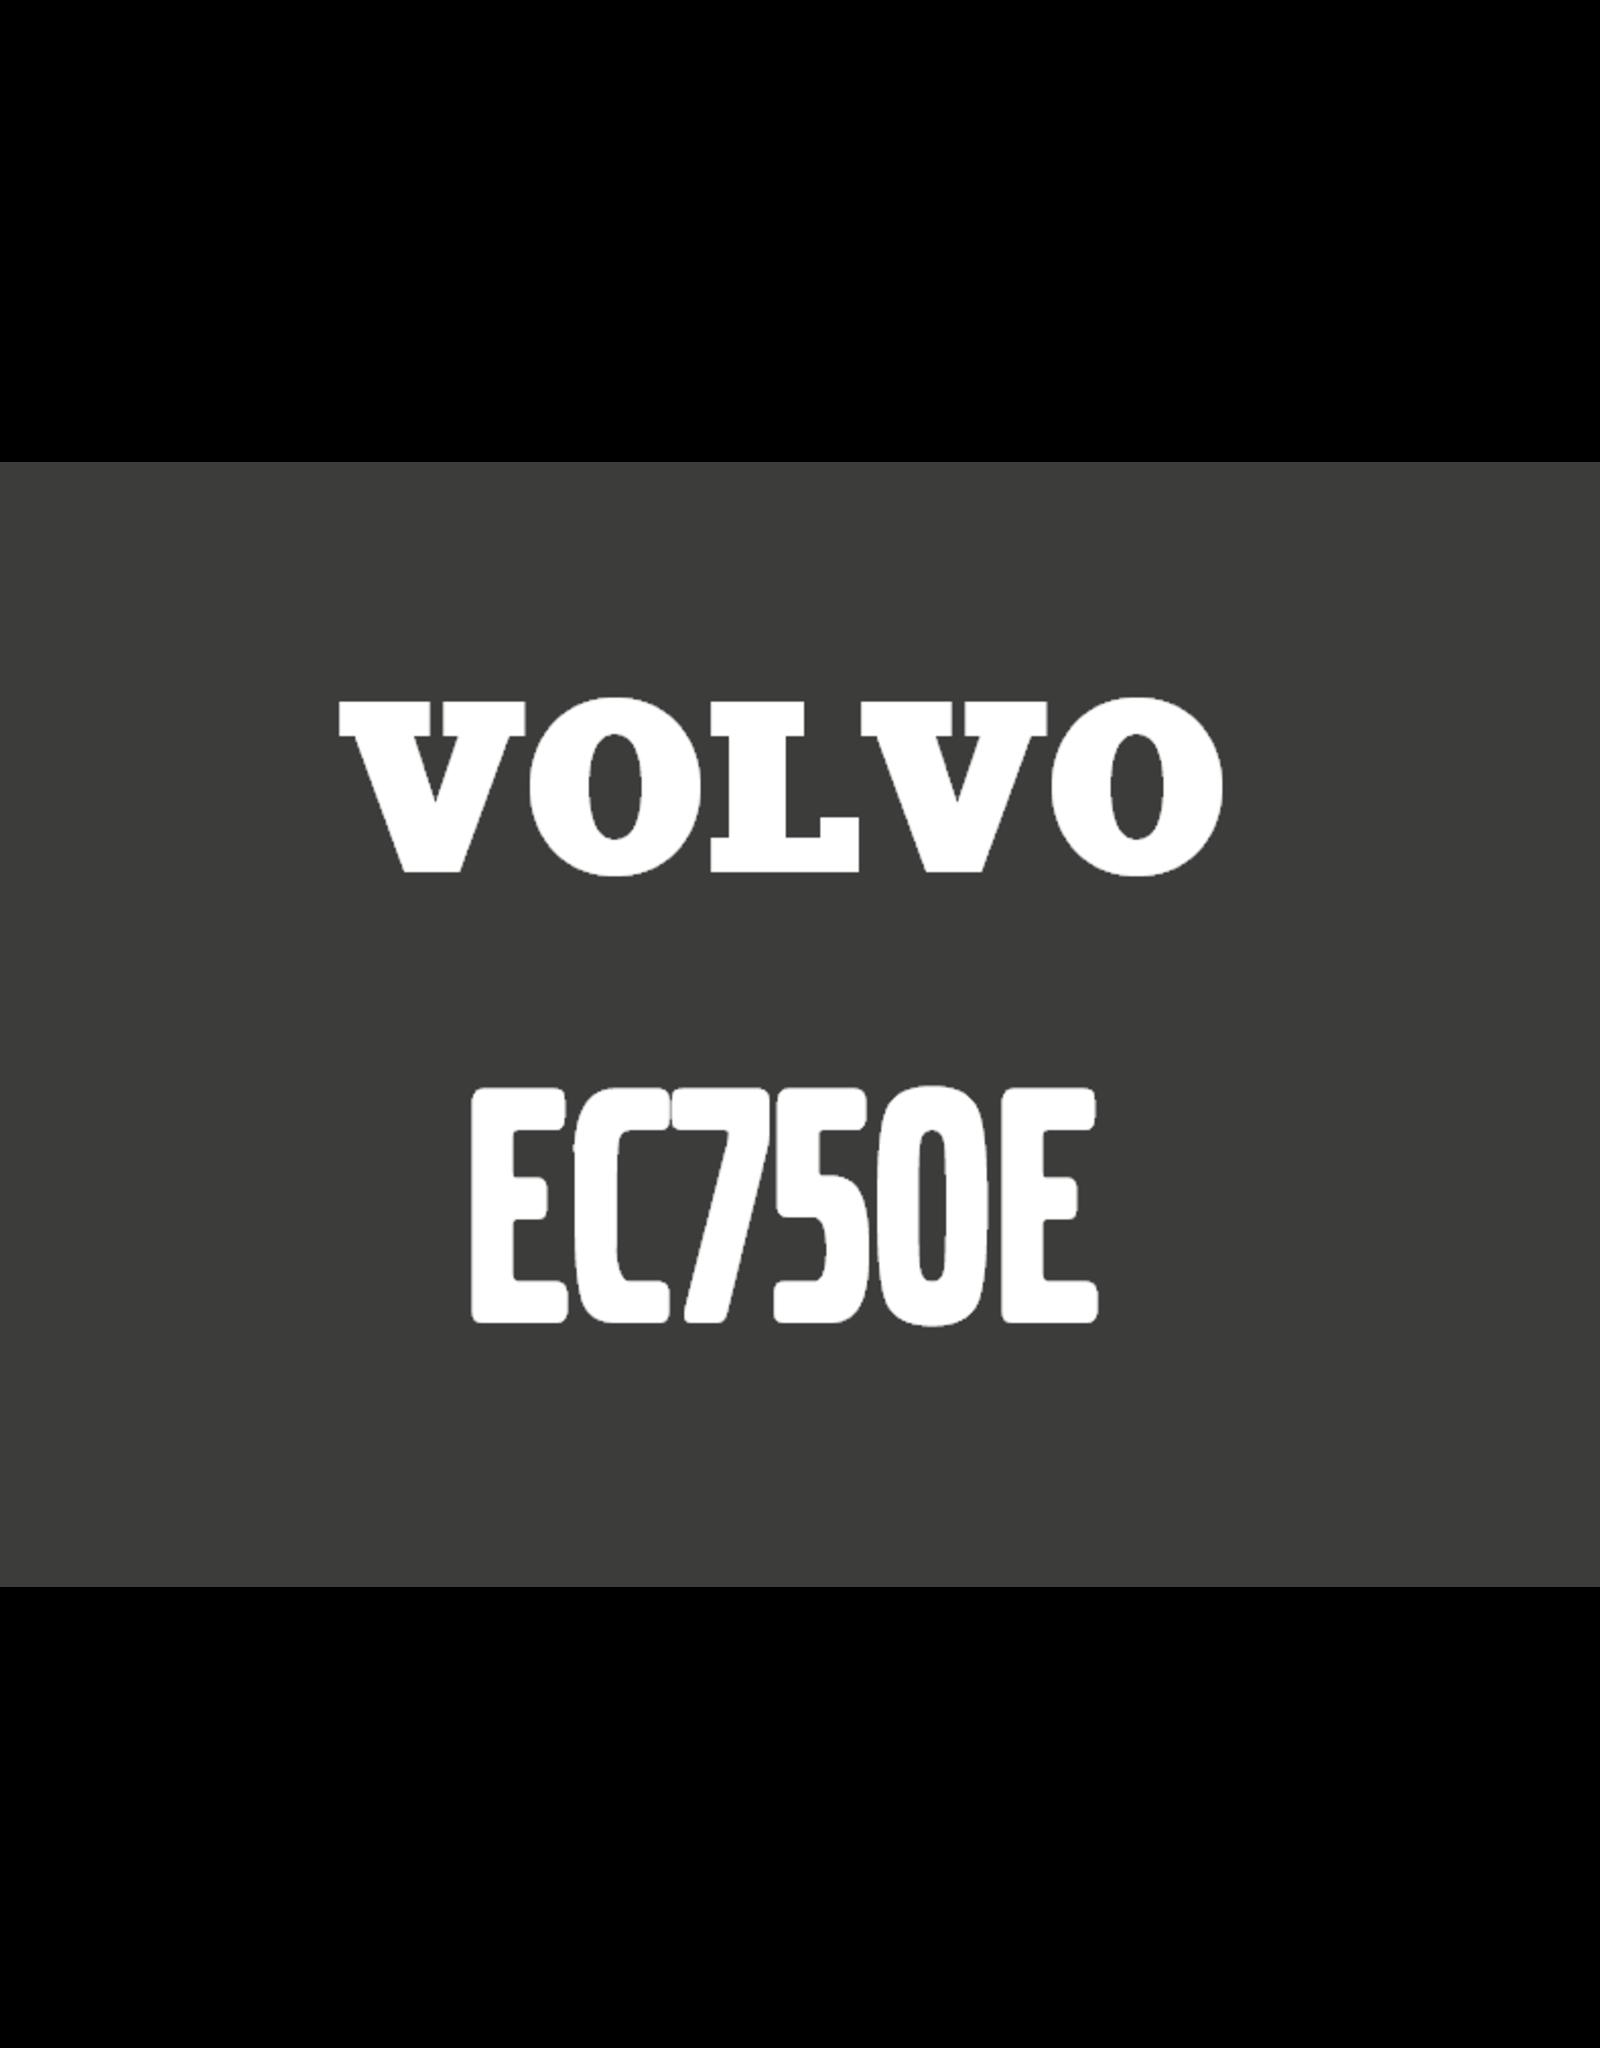 Echle Hartstahl GmbH FOPS for Volvo EC750E